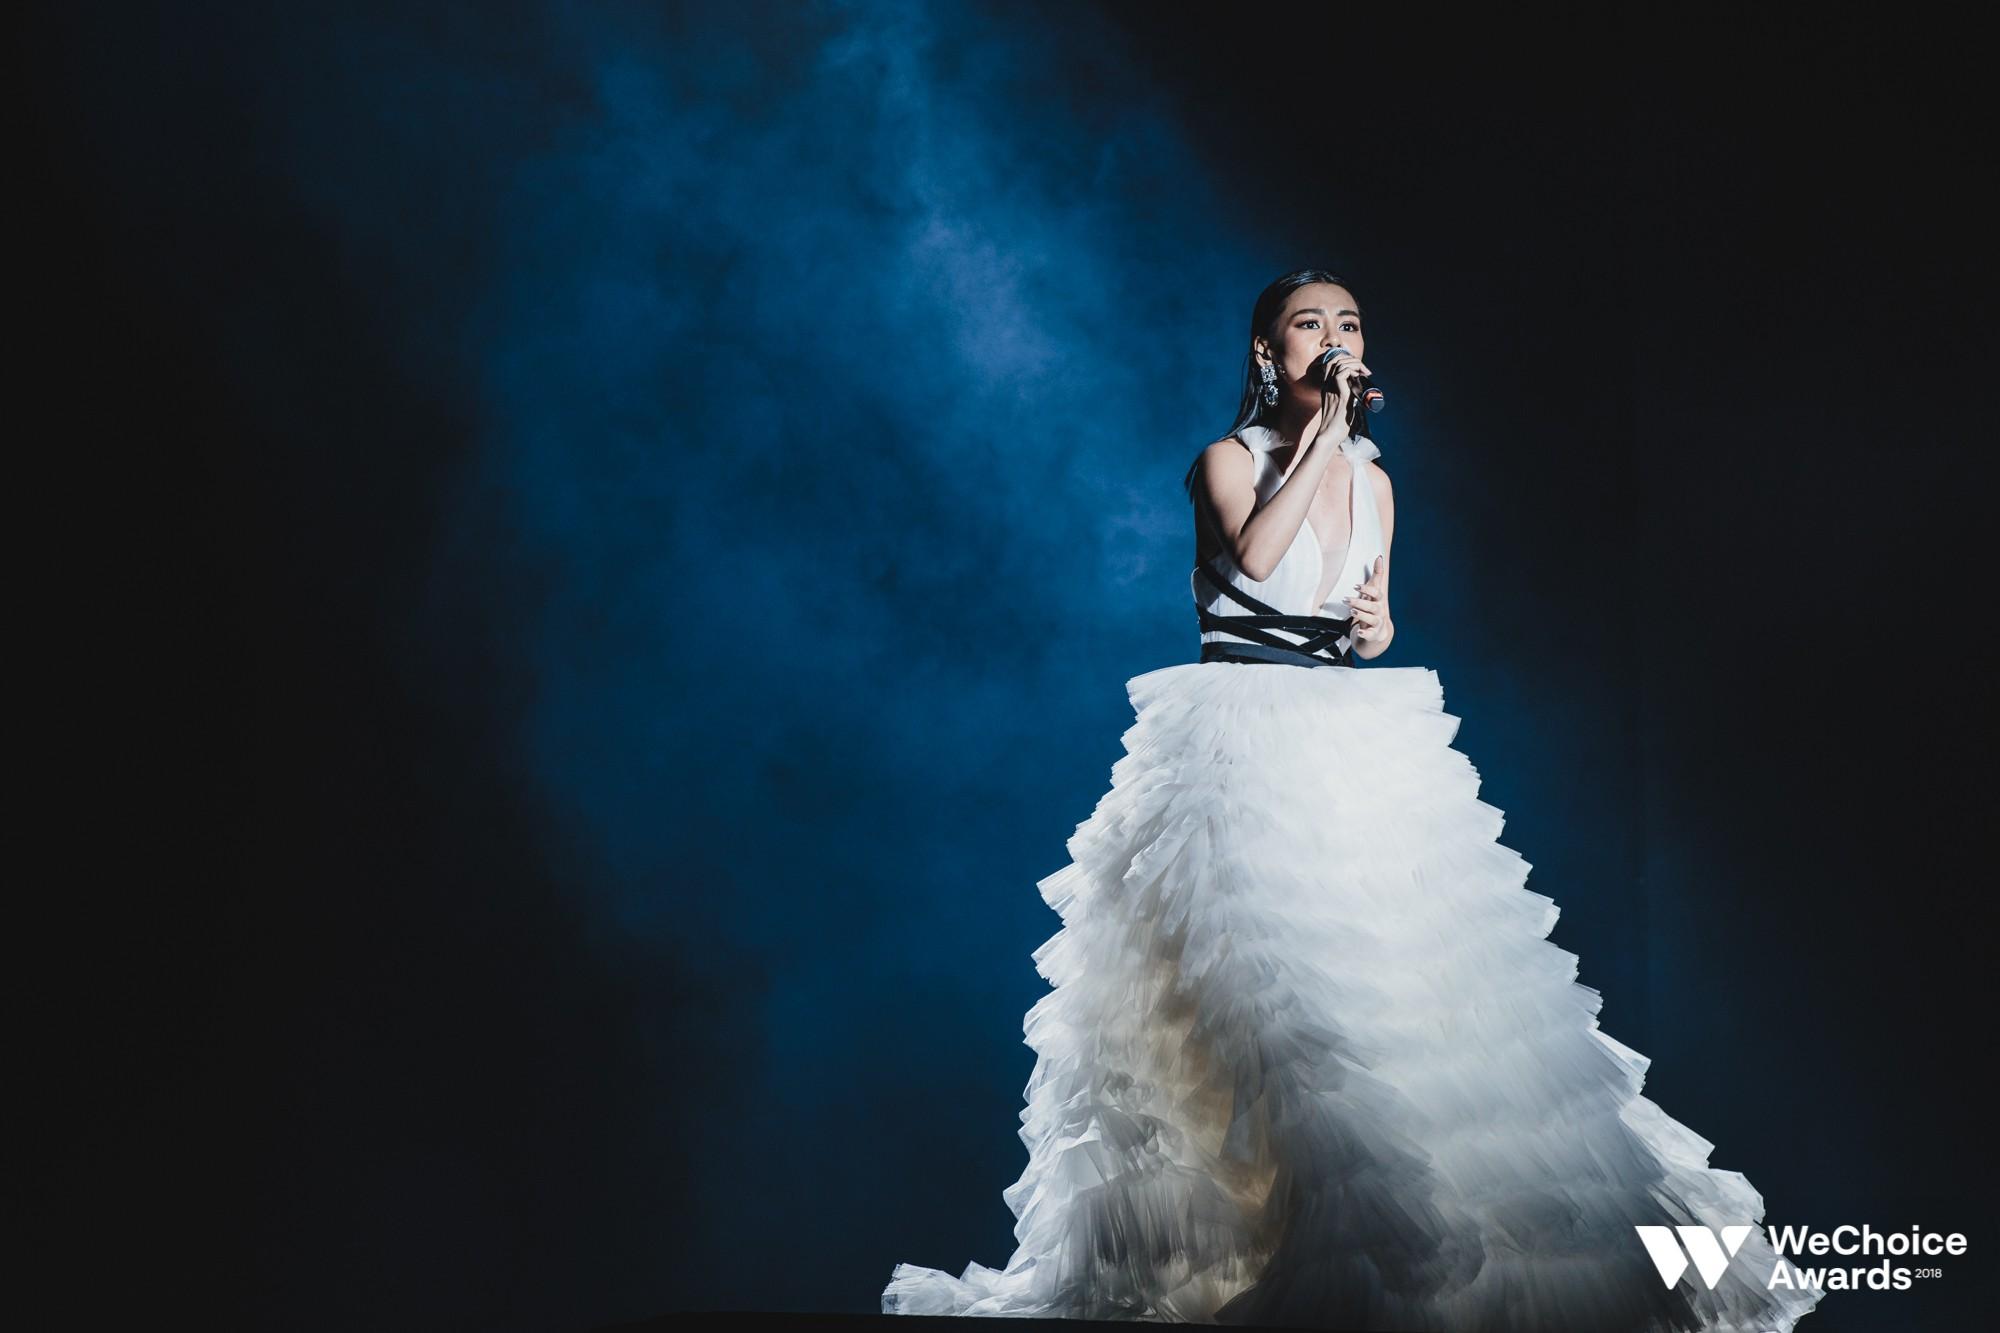 Clip: Tất tần tật các sân khấu đã tai mãn nhãn trong đêm Gala WeChoice Awards 2018 - Ảnh 22.